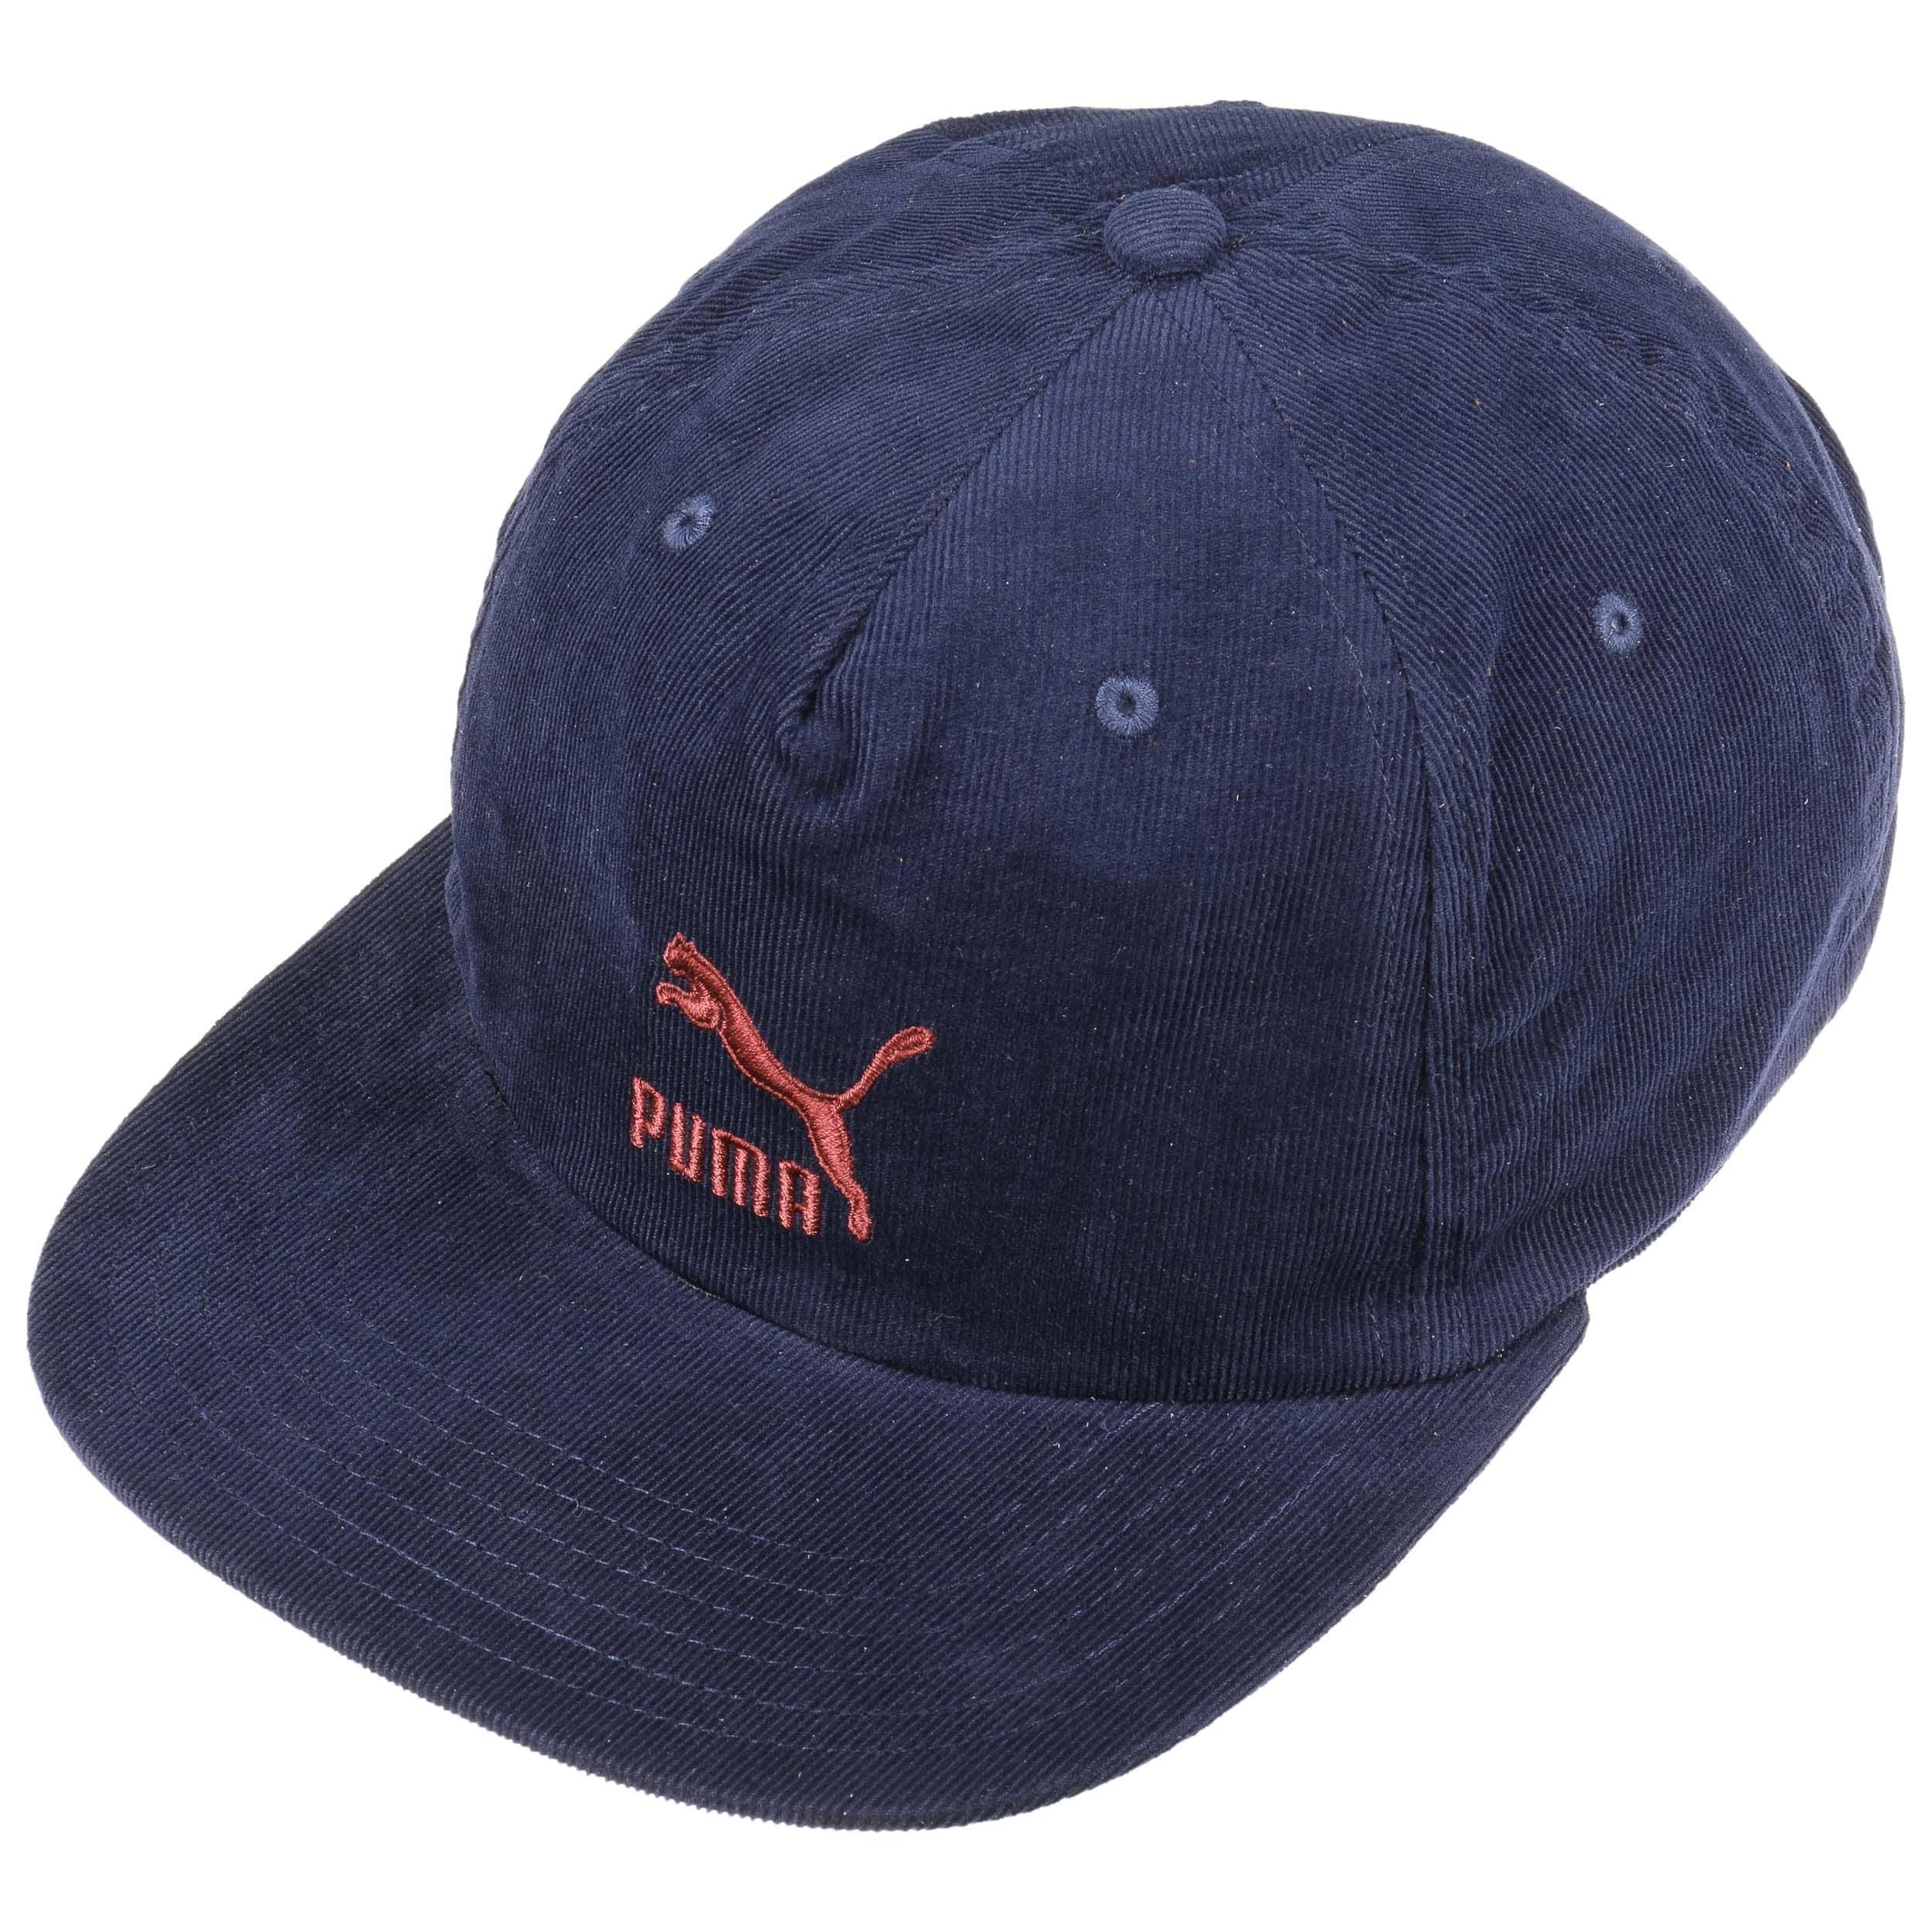 Gorra Archive Downtown FB by PUMA - Gorras - sombreroshop.es 4f4dae74455